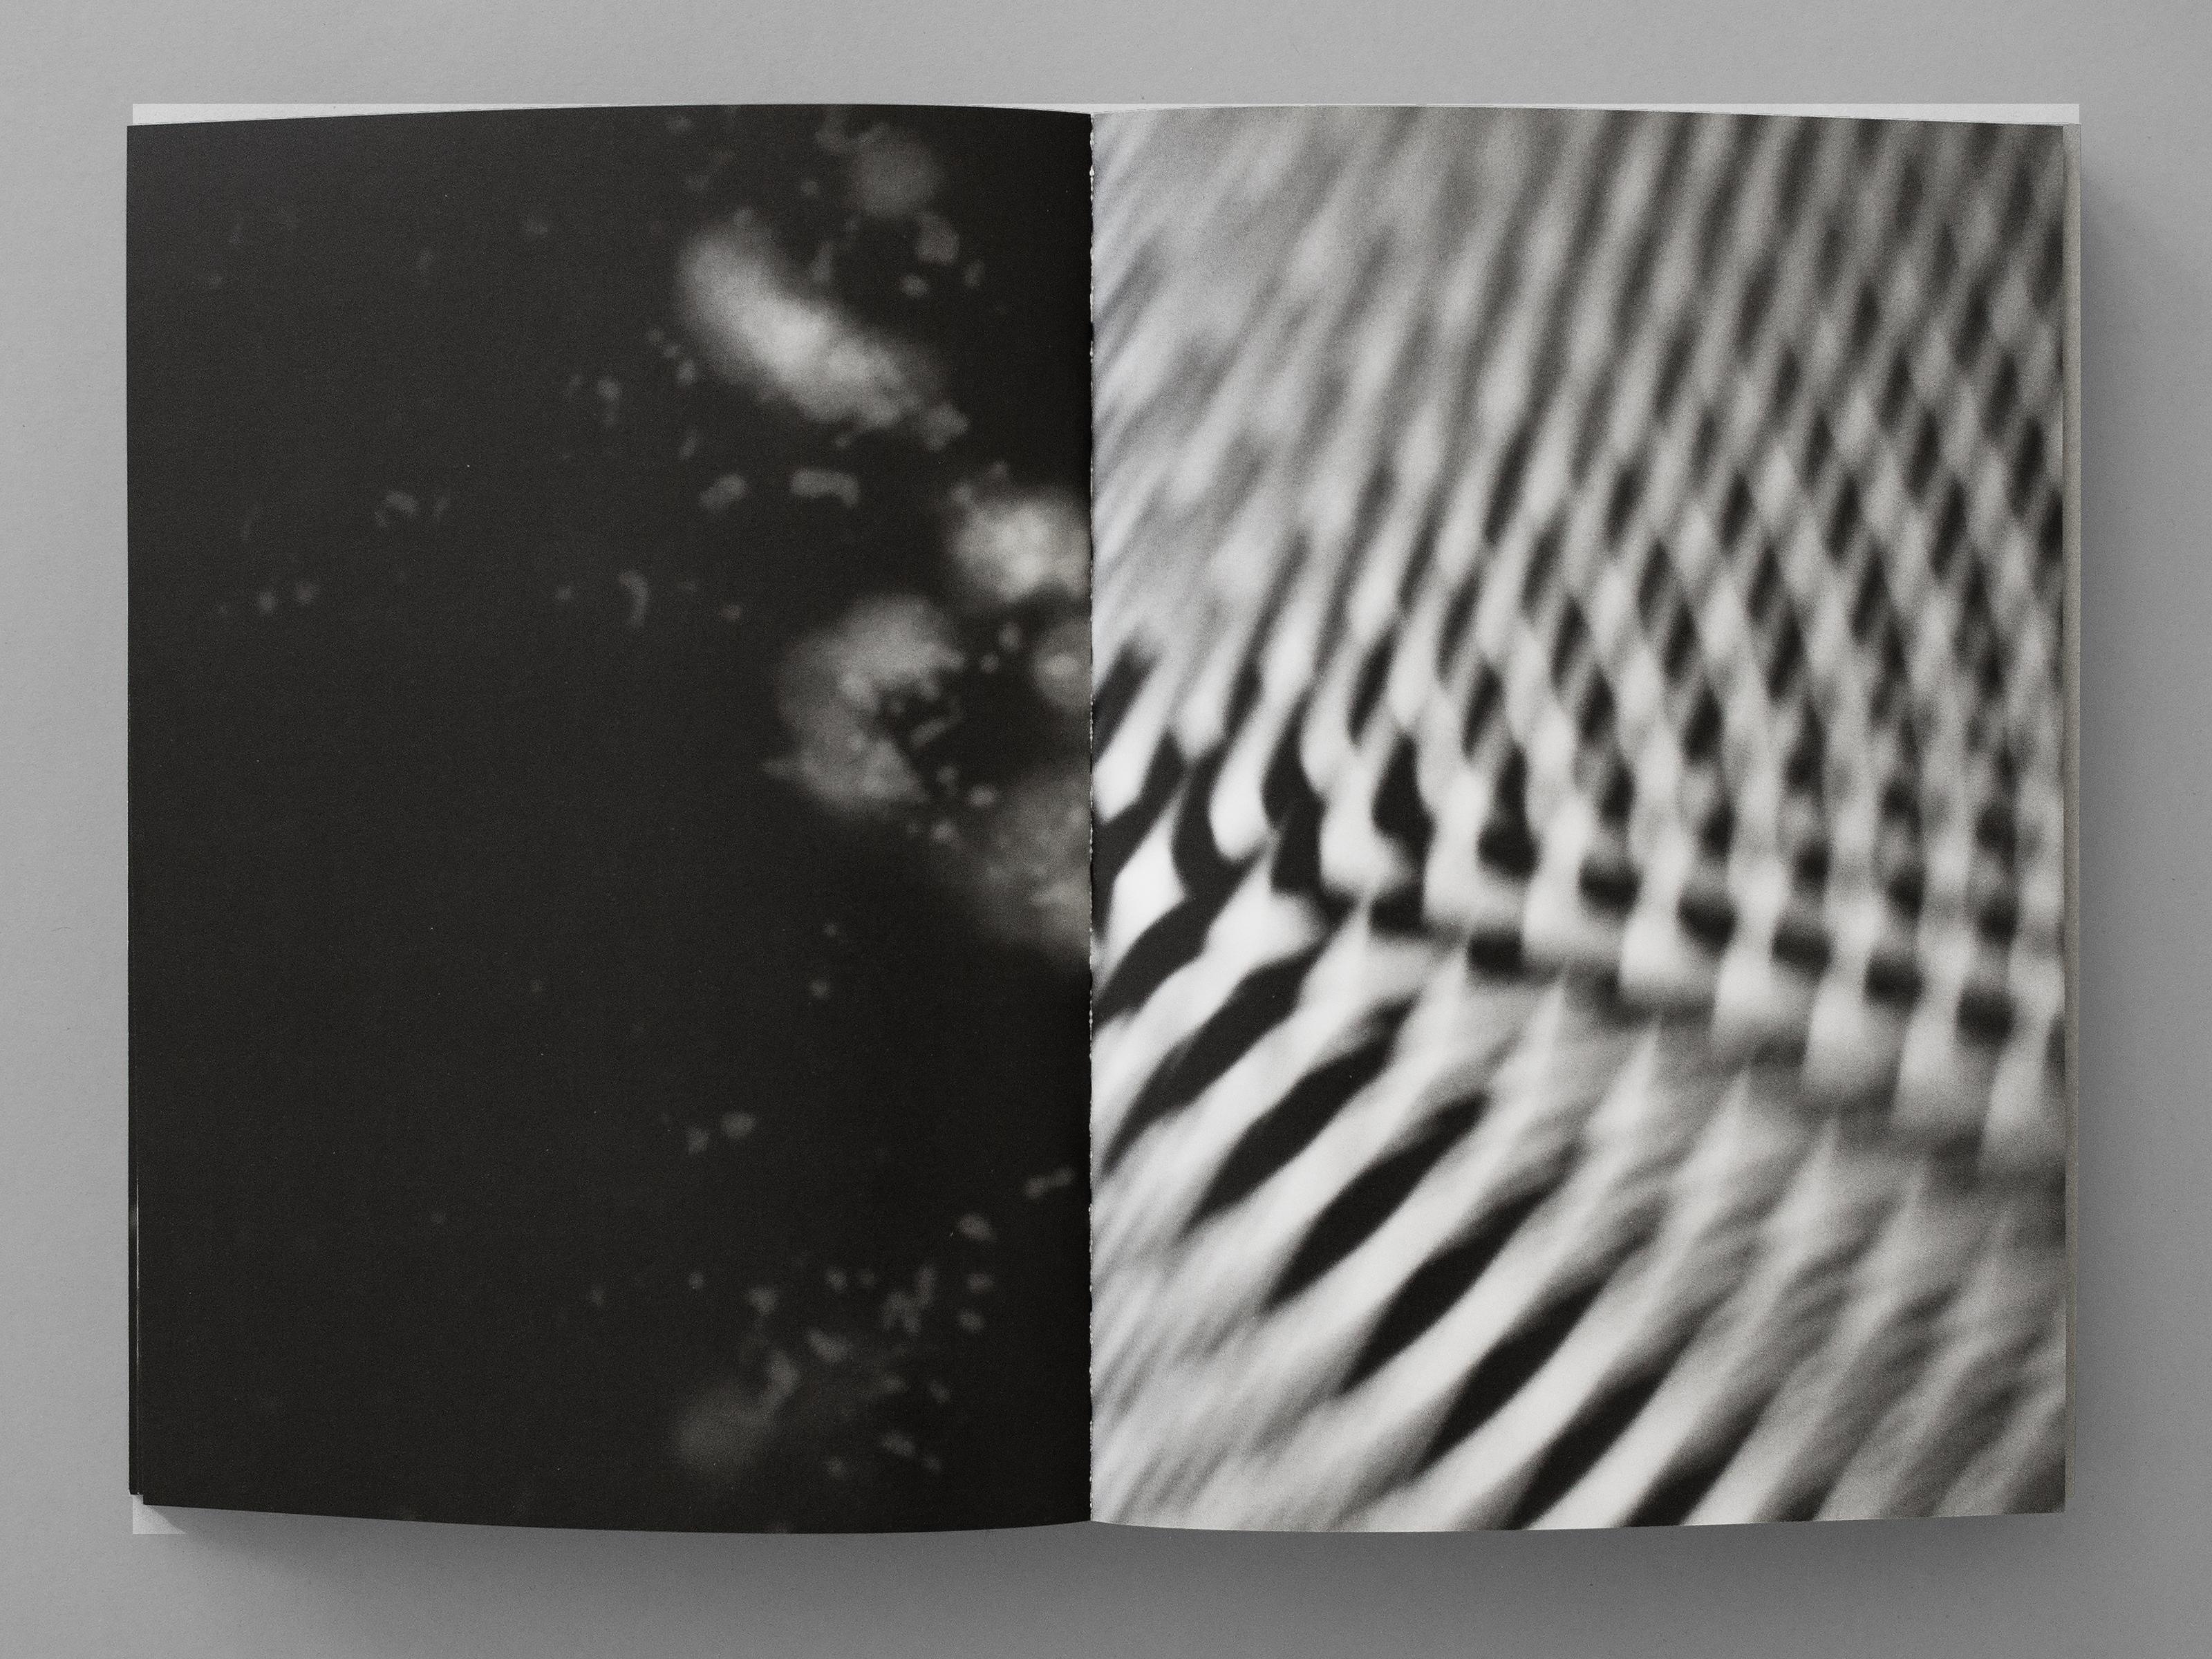 Livre d'artiste publié par le Centre d'édition contemporaine, Genève. 400 exemplaires uniques numérotés obtenus par répartition aléatoire des 18 cahiers de 16 pages avant reliure. Photographies: David Gagnebin-de Bons.